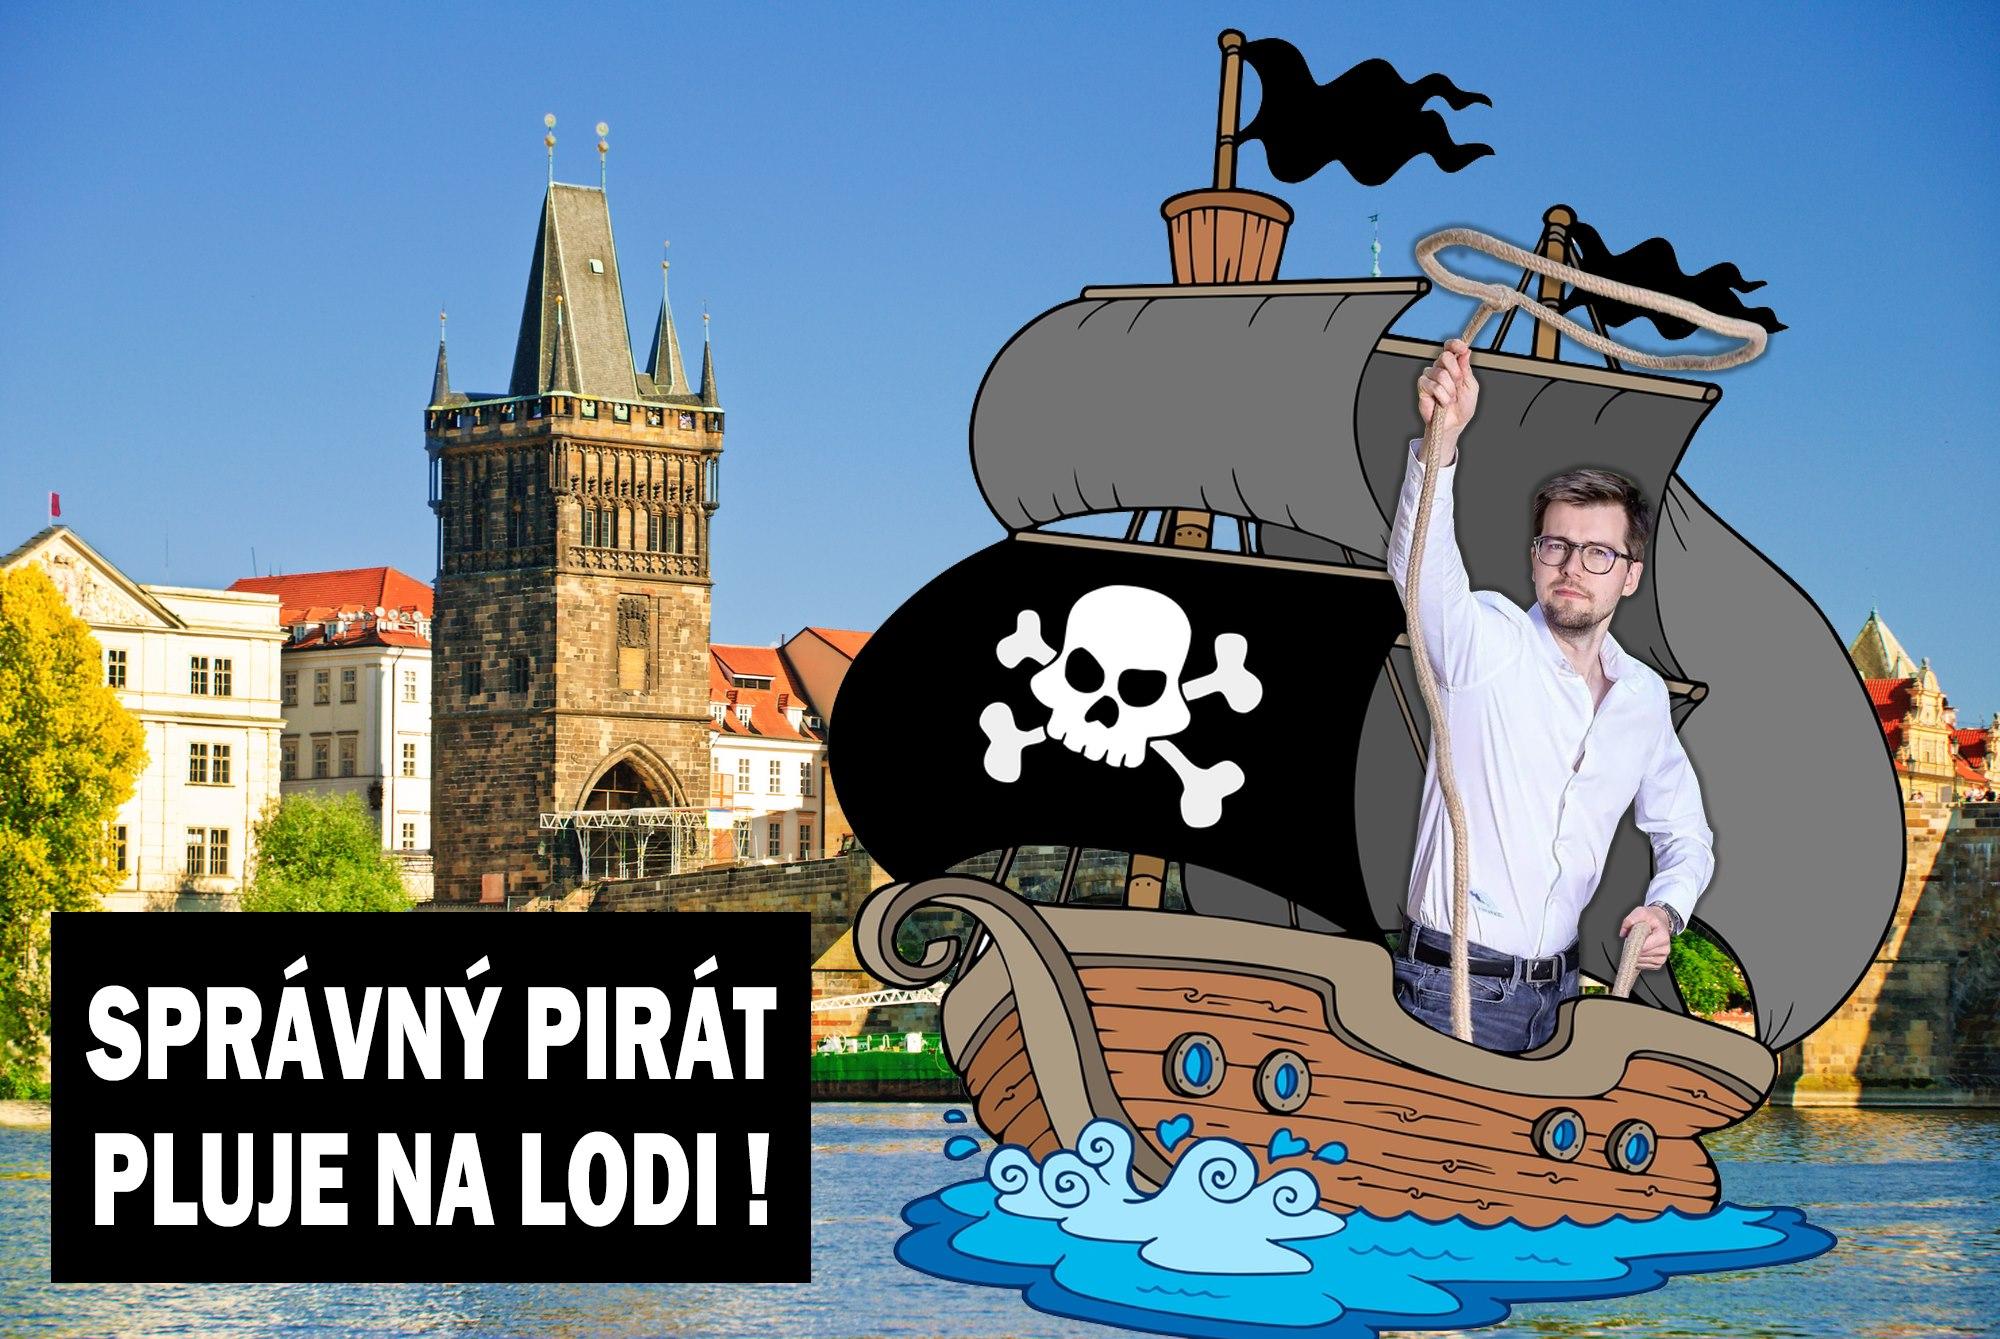 Správný Pirát pluje na lodi!